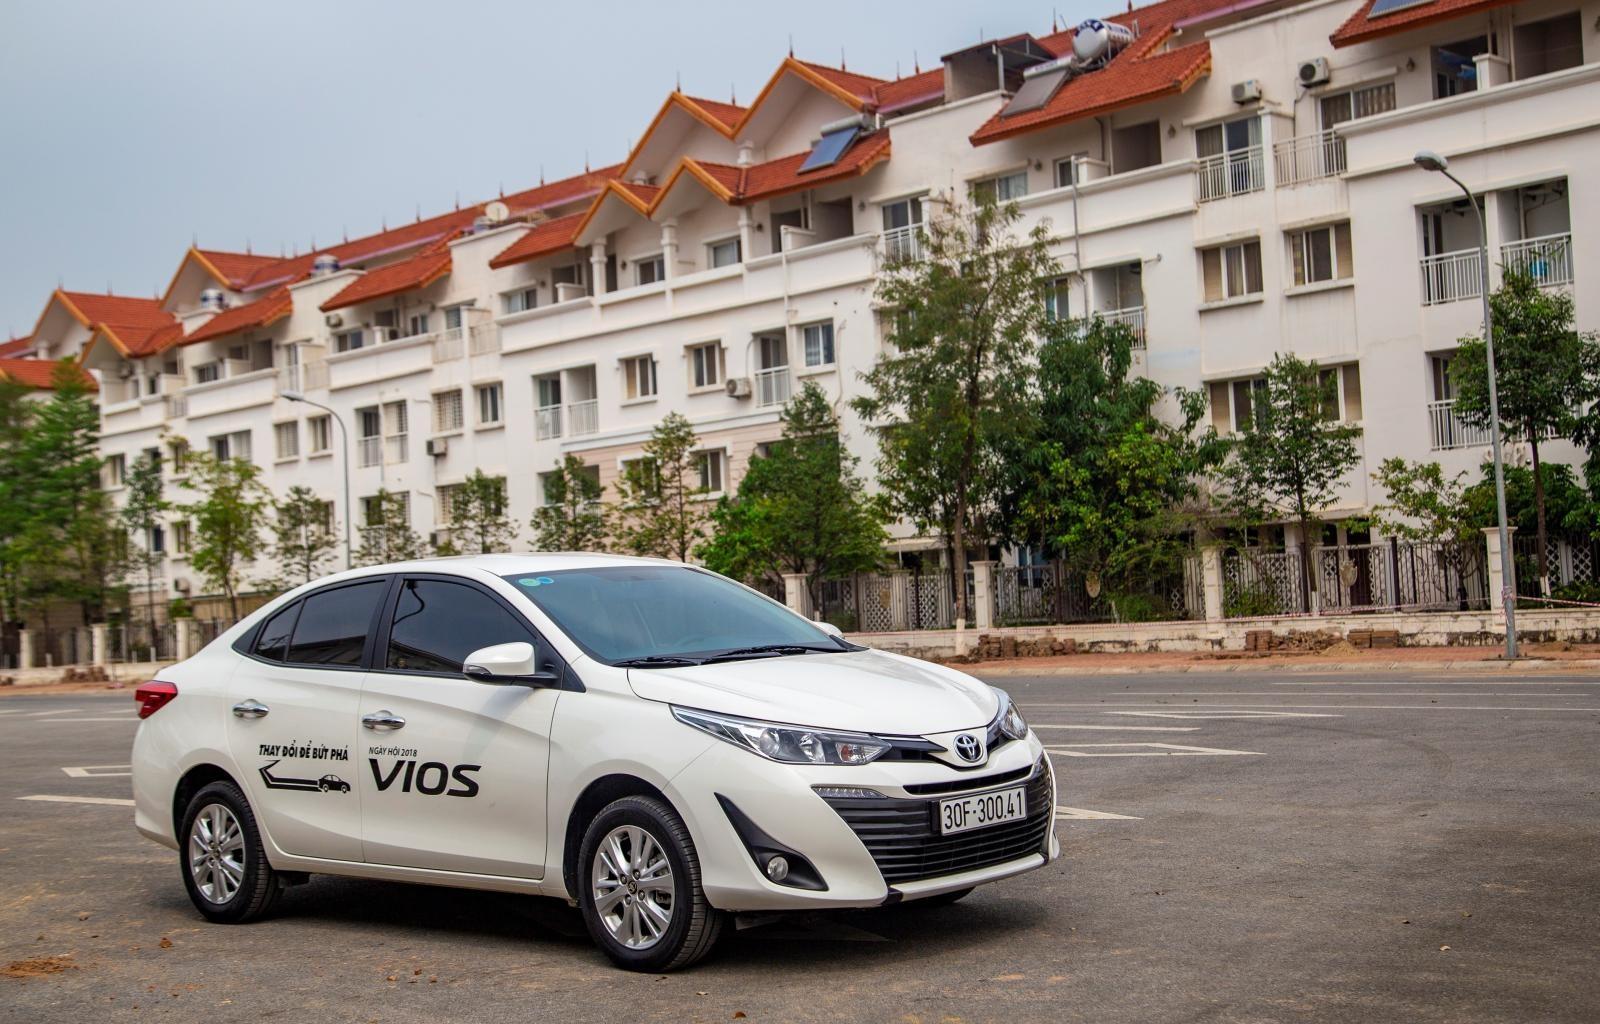 Với chiến thuật khuyến mãi phụ kiện của Toyota Việt Nam cùng chính sách giảm giá trực tiếp tại một số đại lý, trong tháng 3/2019 Toyota Vios bán ra tới 3.161 xe